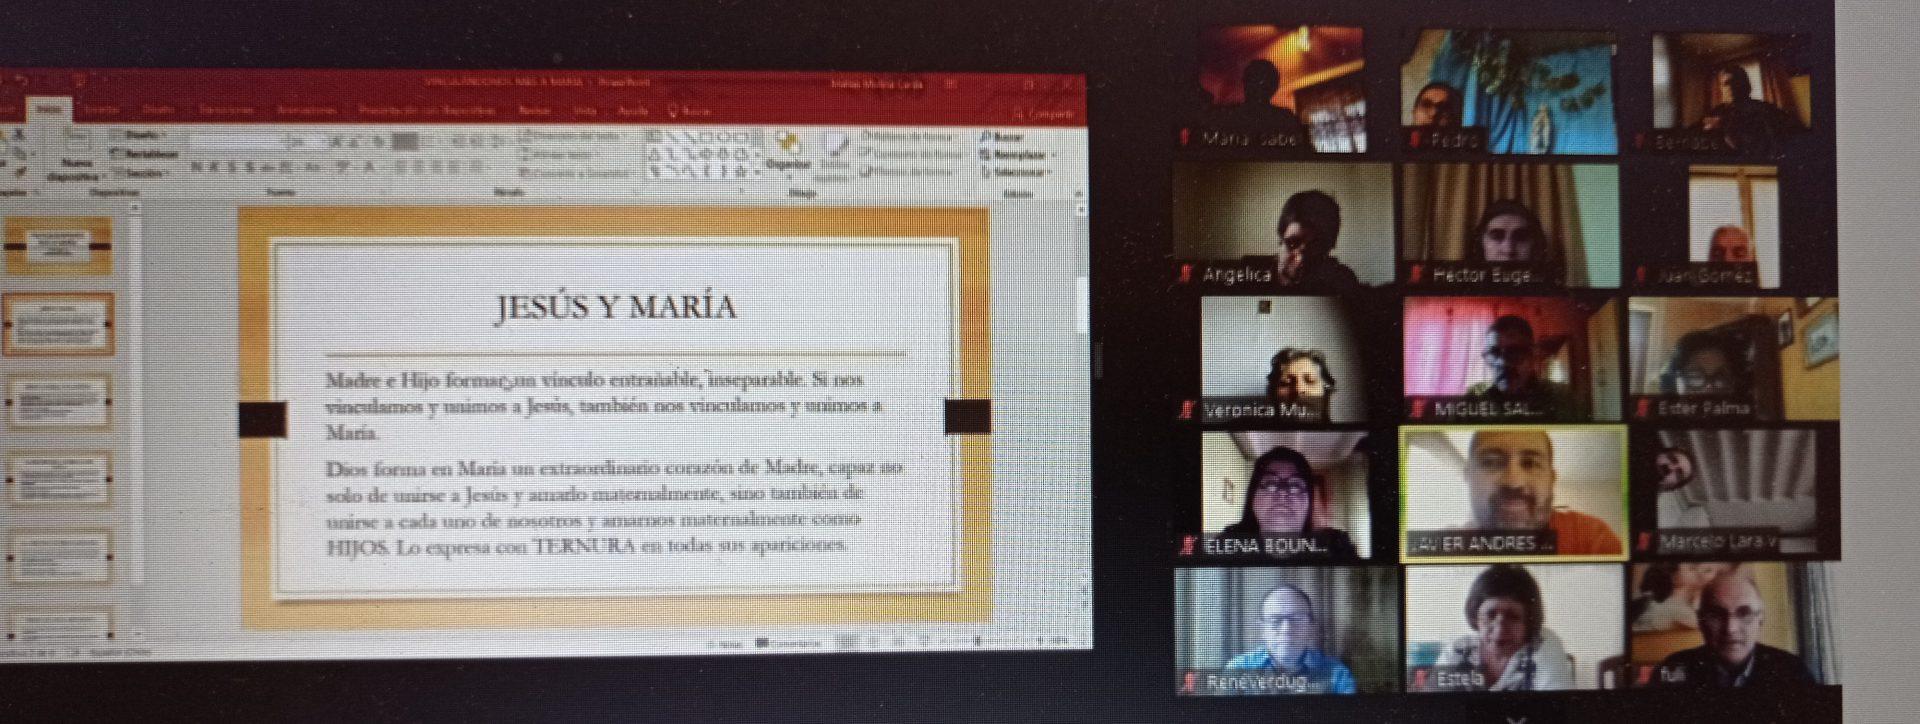 """Charla del diácono Javier Molina -Chile-:  """"María en medio de su pueblo como Madre de esperanza""""."""